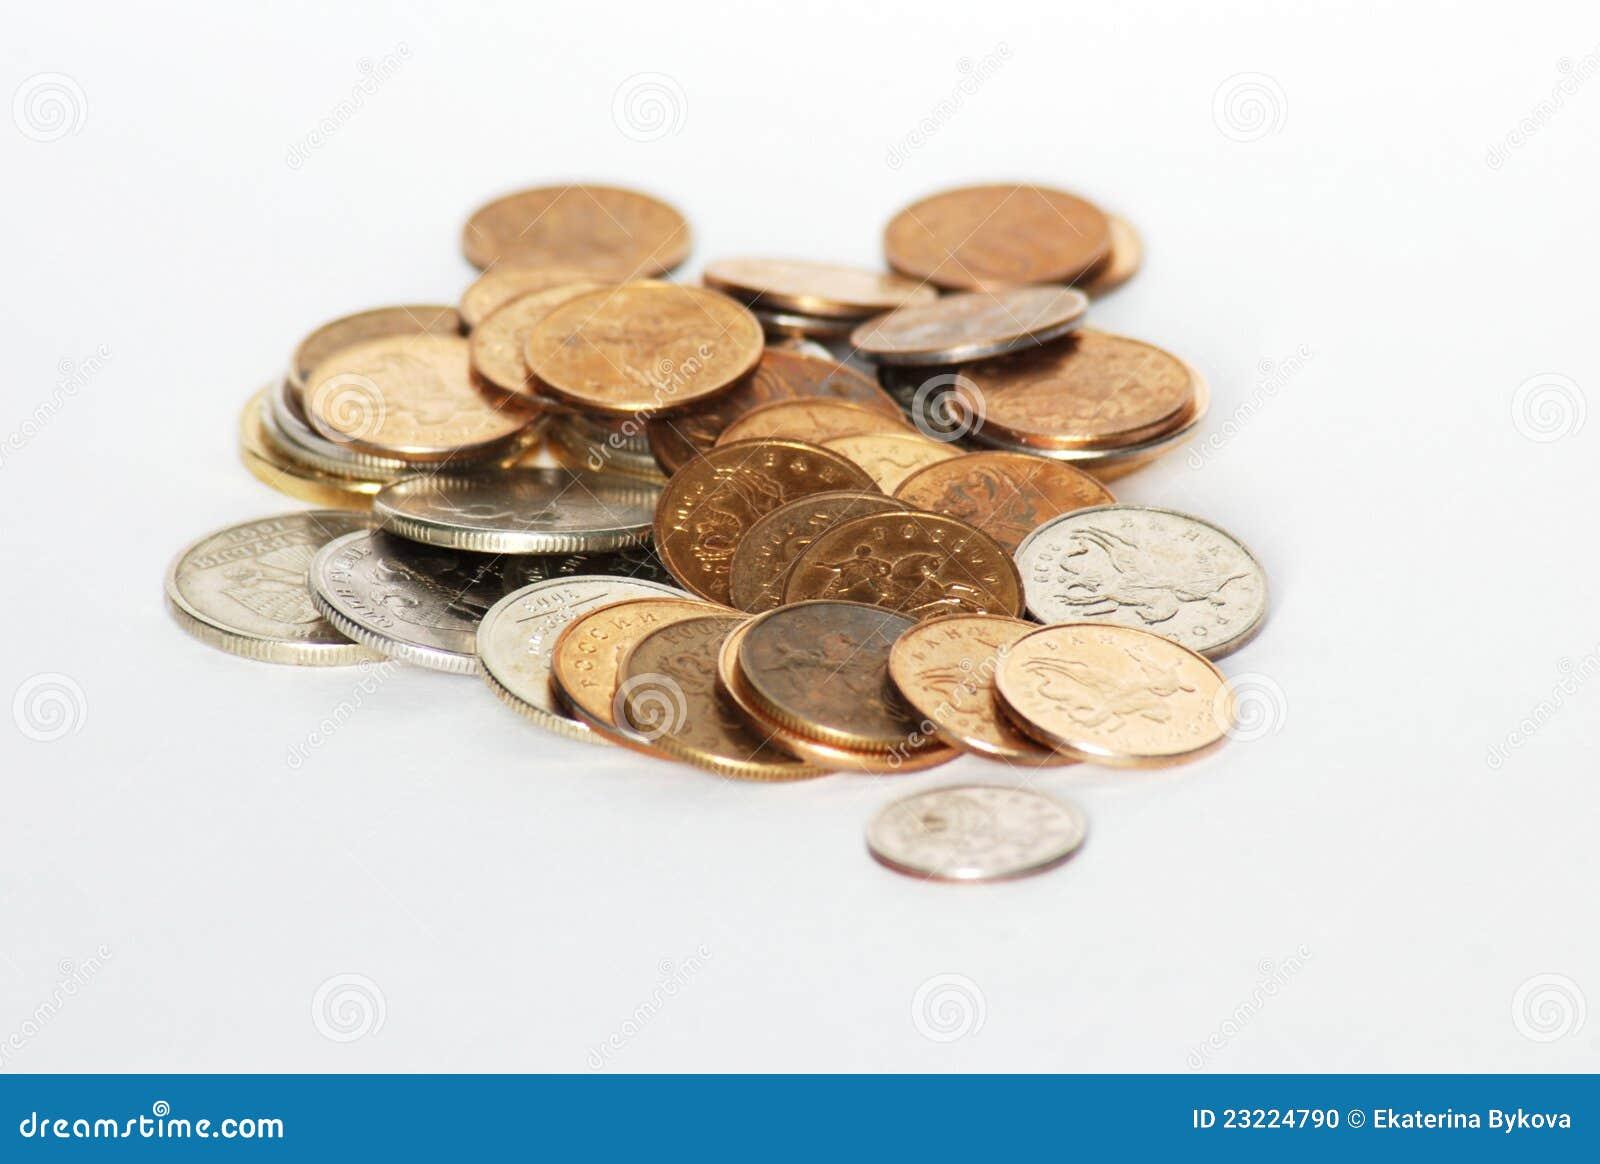 Het geld van muntstukken op witte achtergrond